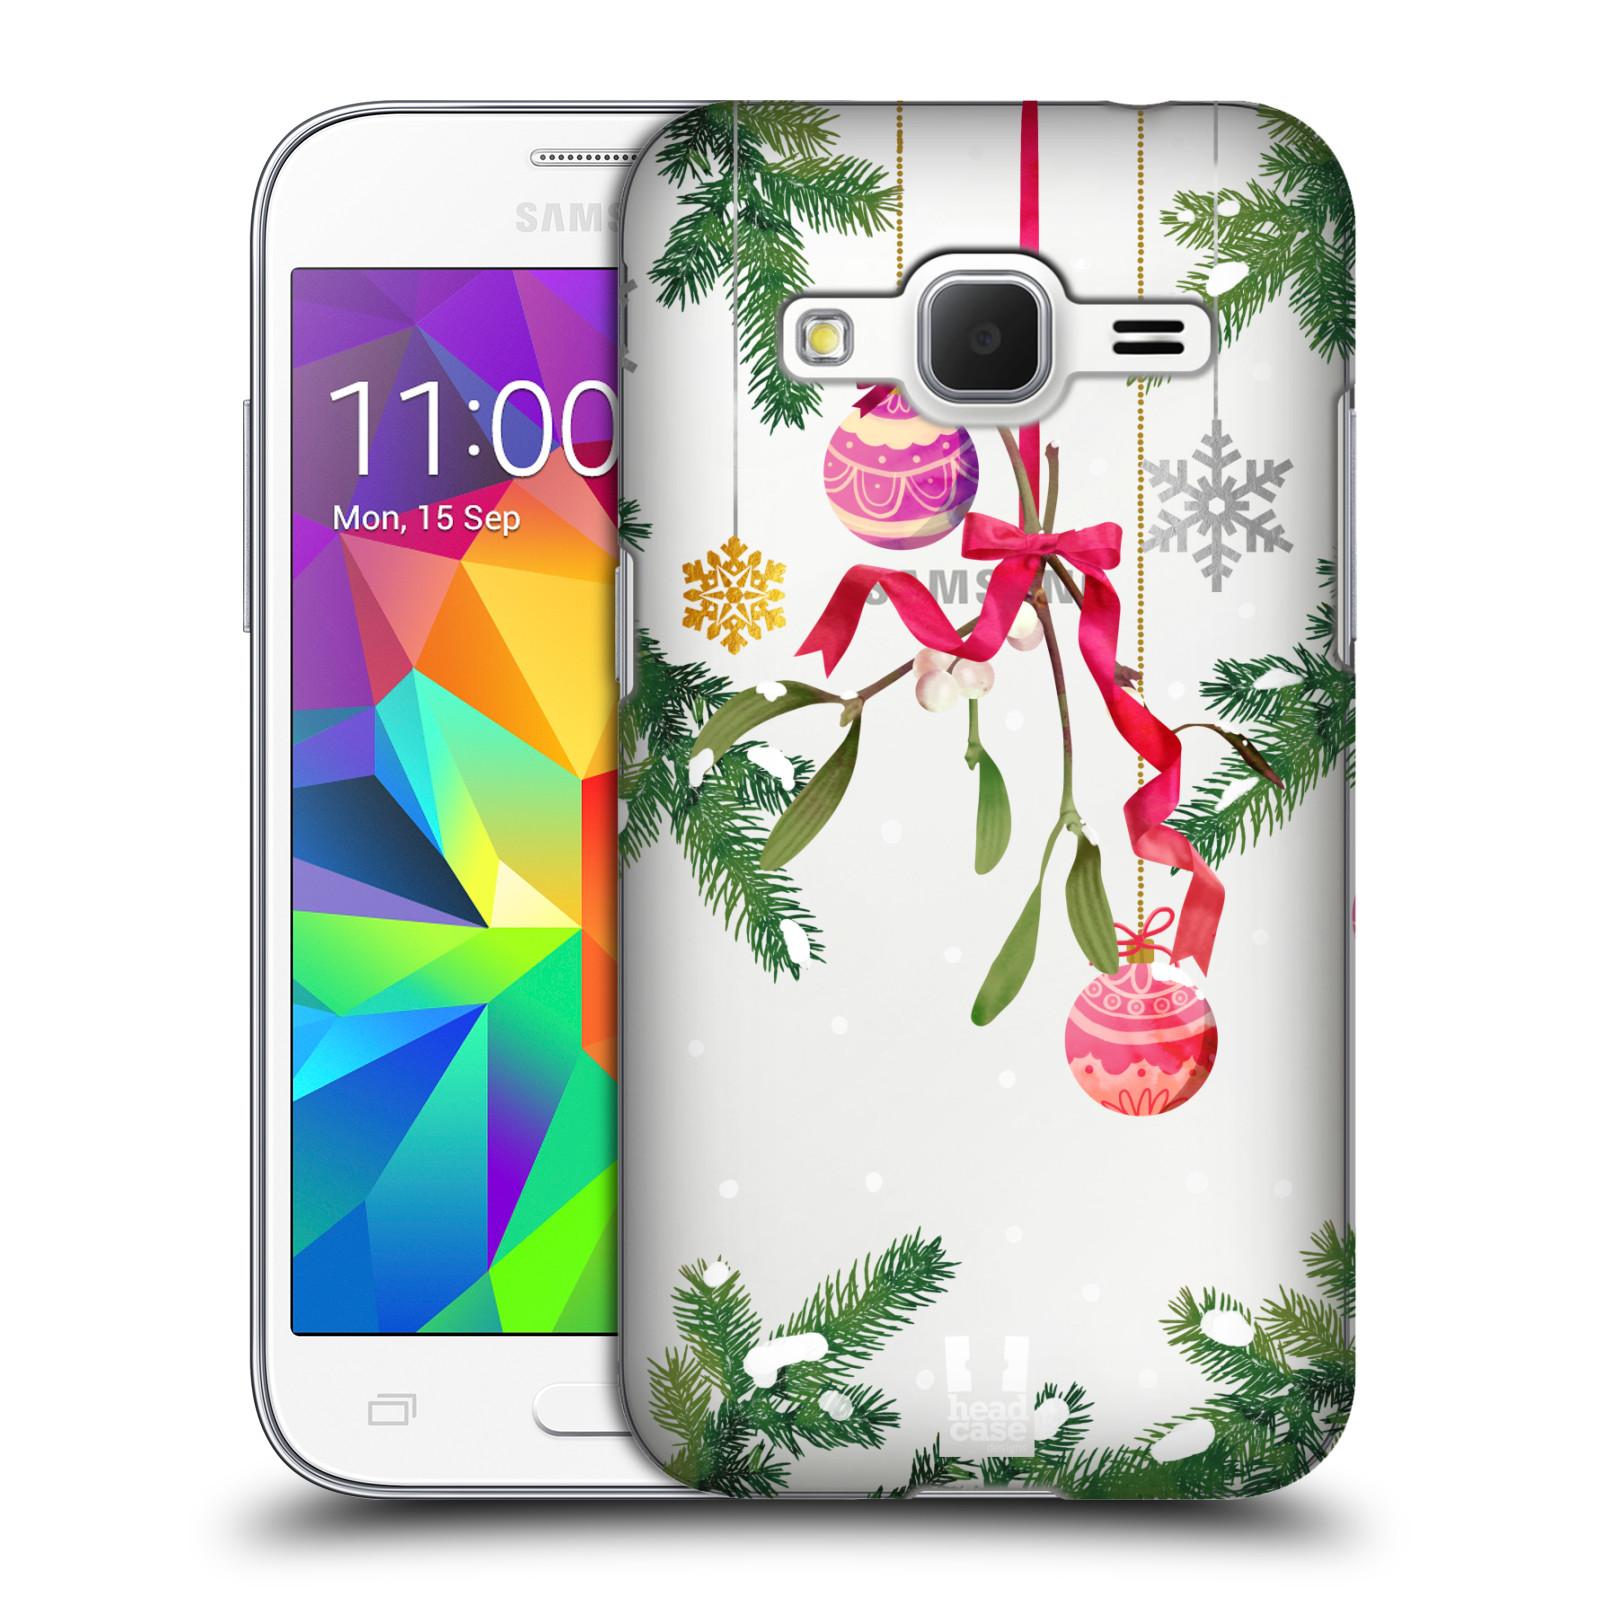 Plastové pouzdro na mobil Samsung Galaxy Core Prime LTE - Head Case - Větvičky a vánoční ozdoby